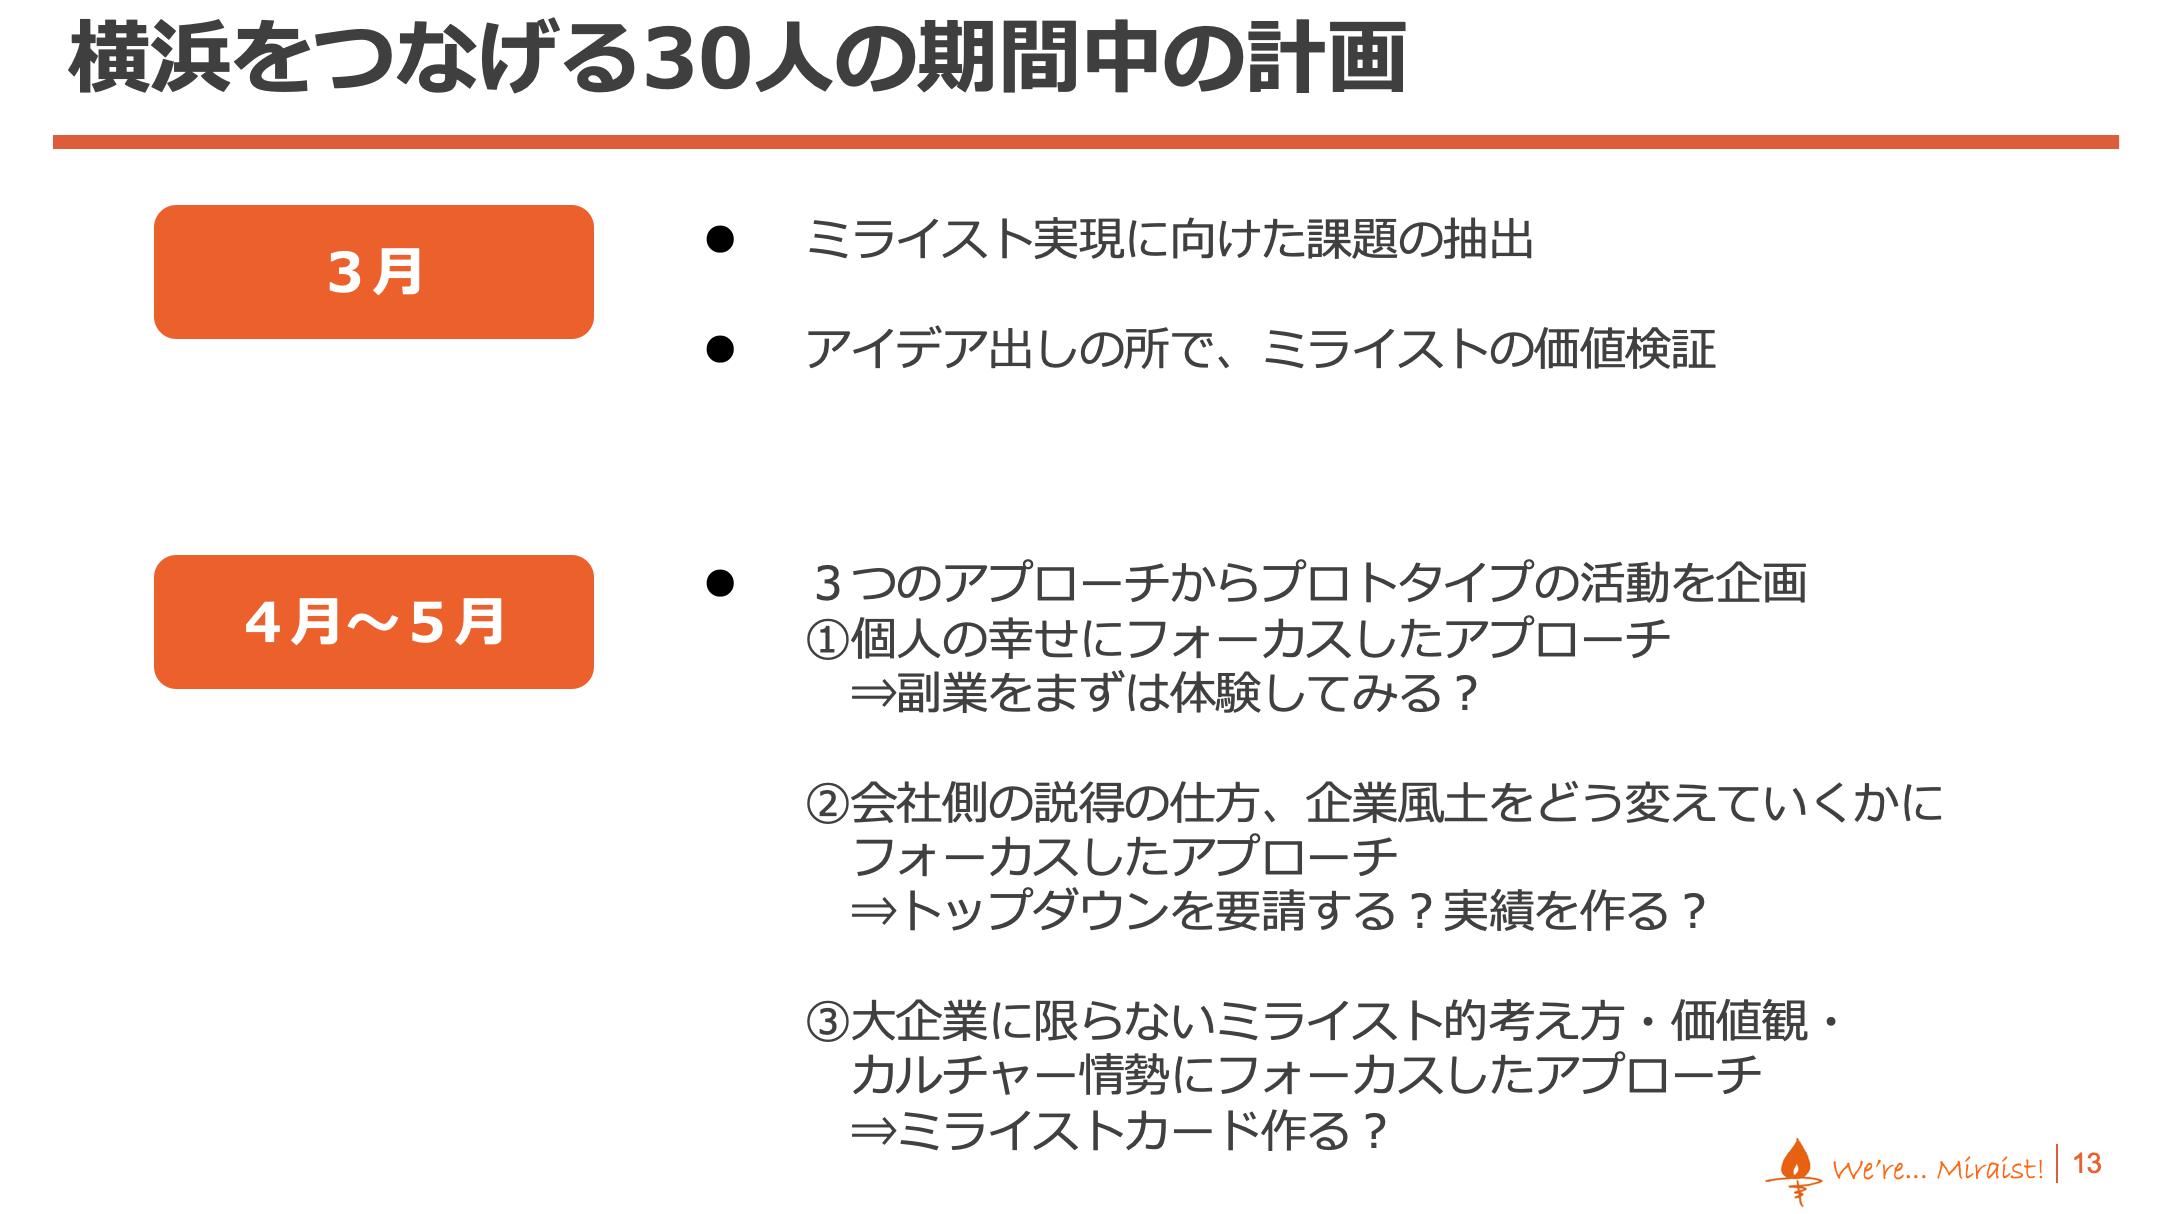 スクリーンショット 2021-03-26 16.07.01